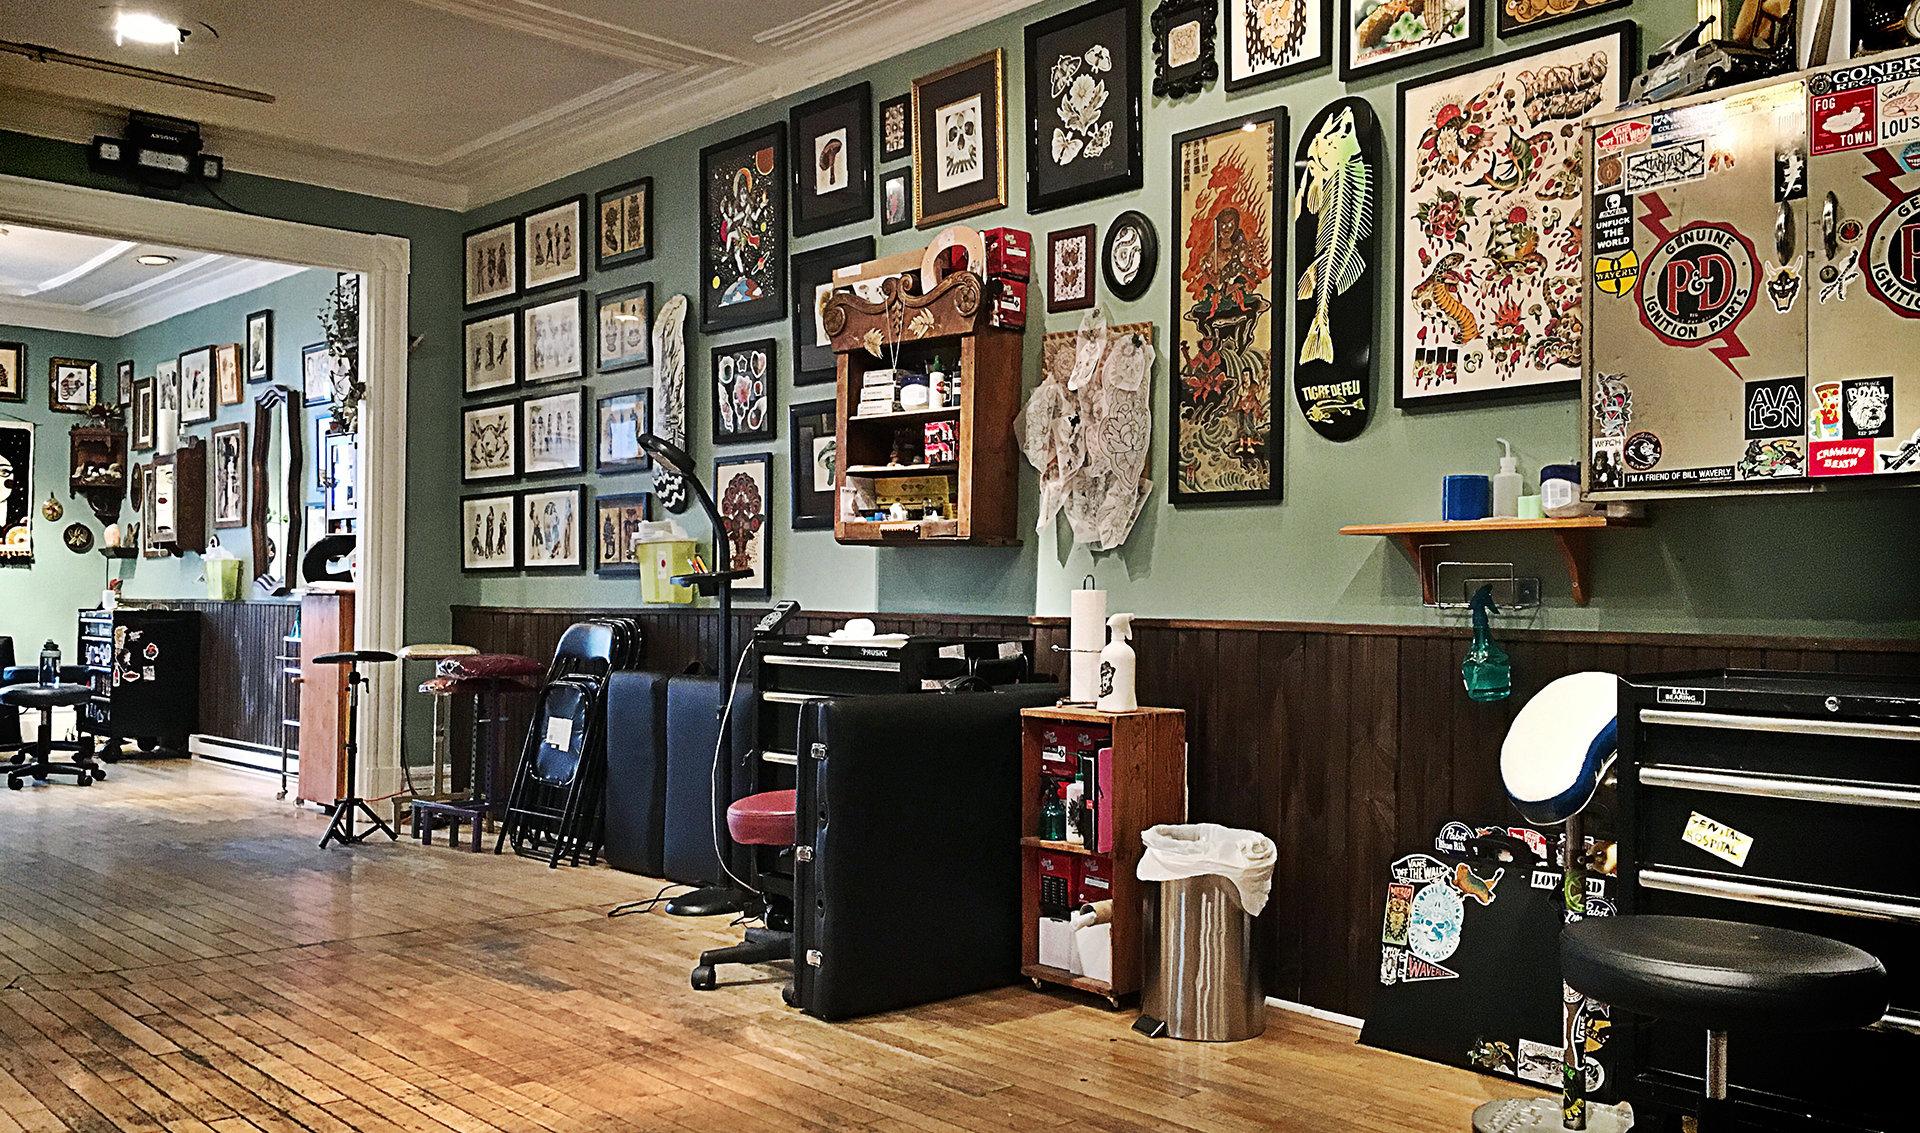 Salon De Tatouage Royal Tatouage Royal Salon De Tatouage